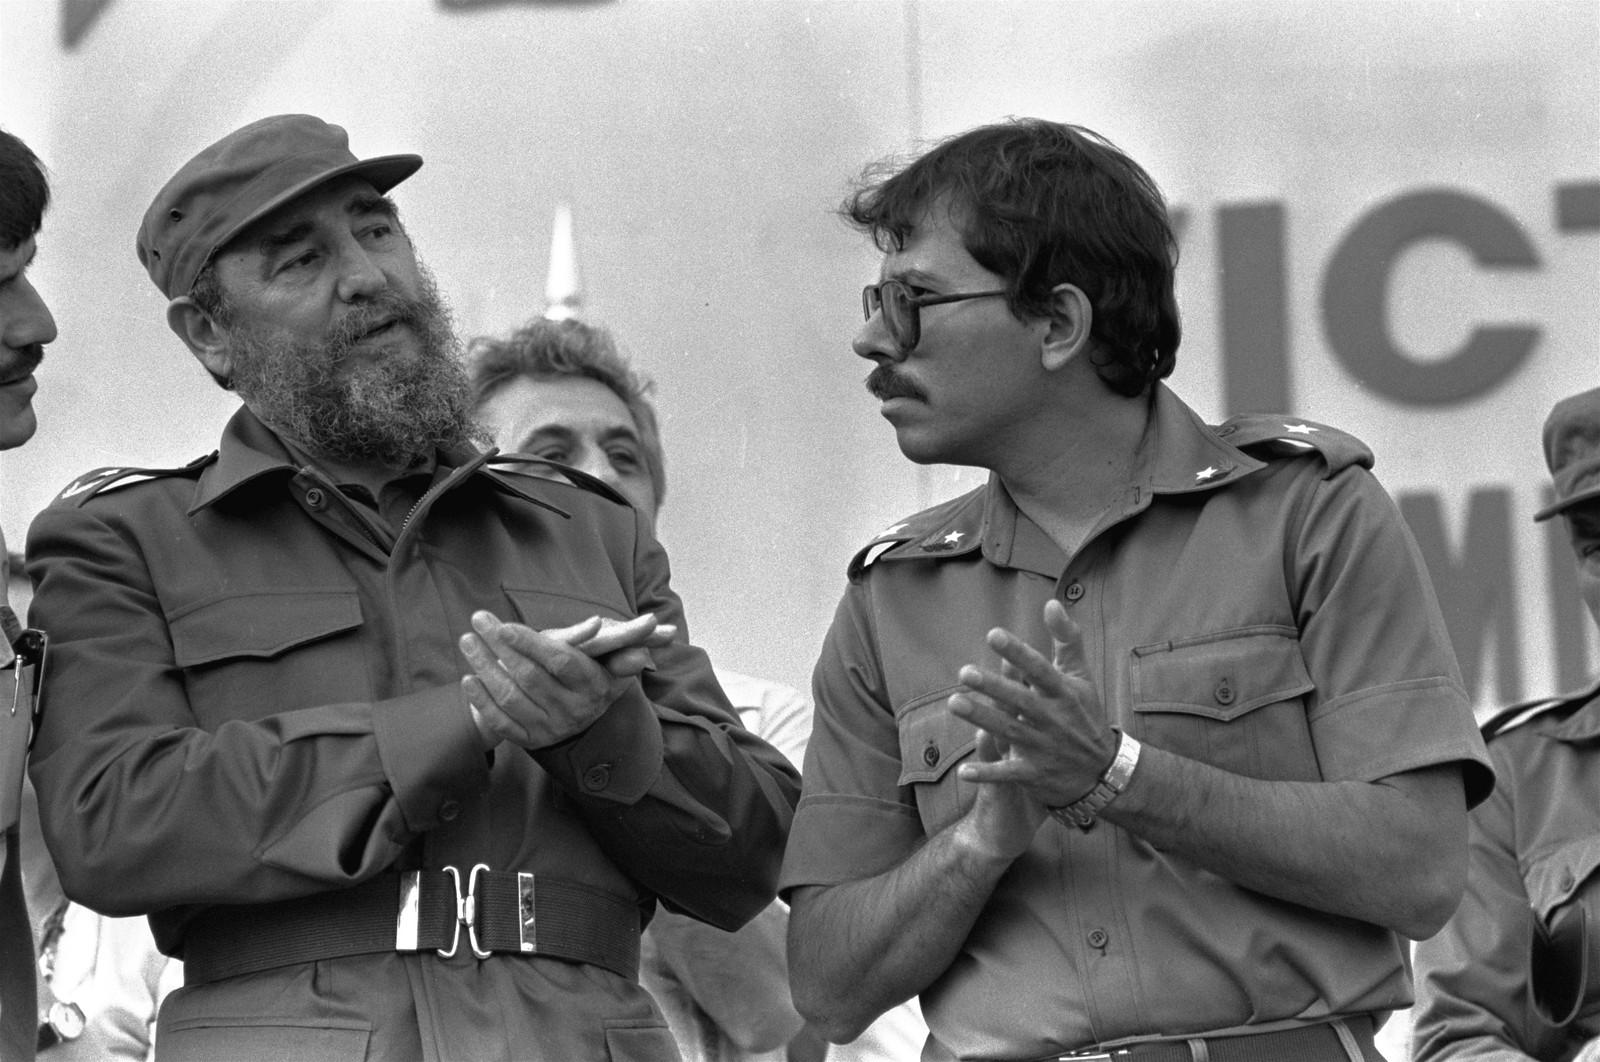 Cubas kommunistiske styre og Fidel Castro var en sterk inspirasjon og stort symbol for andre revolusjonære i Latin-Amerika. En av dem som lykkes i å følge i Castros fotspor, var Nicaraguas Daniel Ortega. Her sammen under åpningen av en ny sukkerfabrikk utenfor Managua, bygget av cubanere.